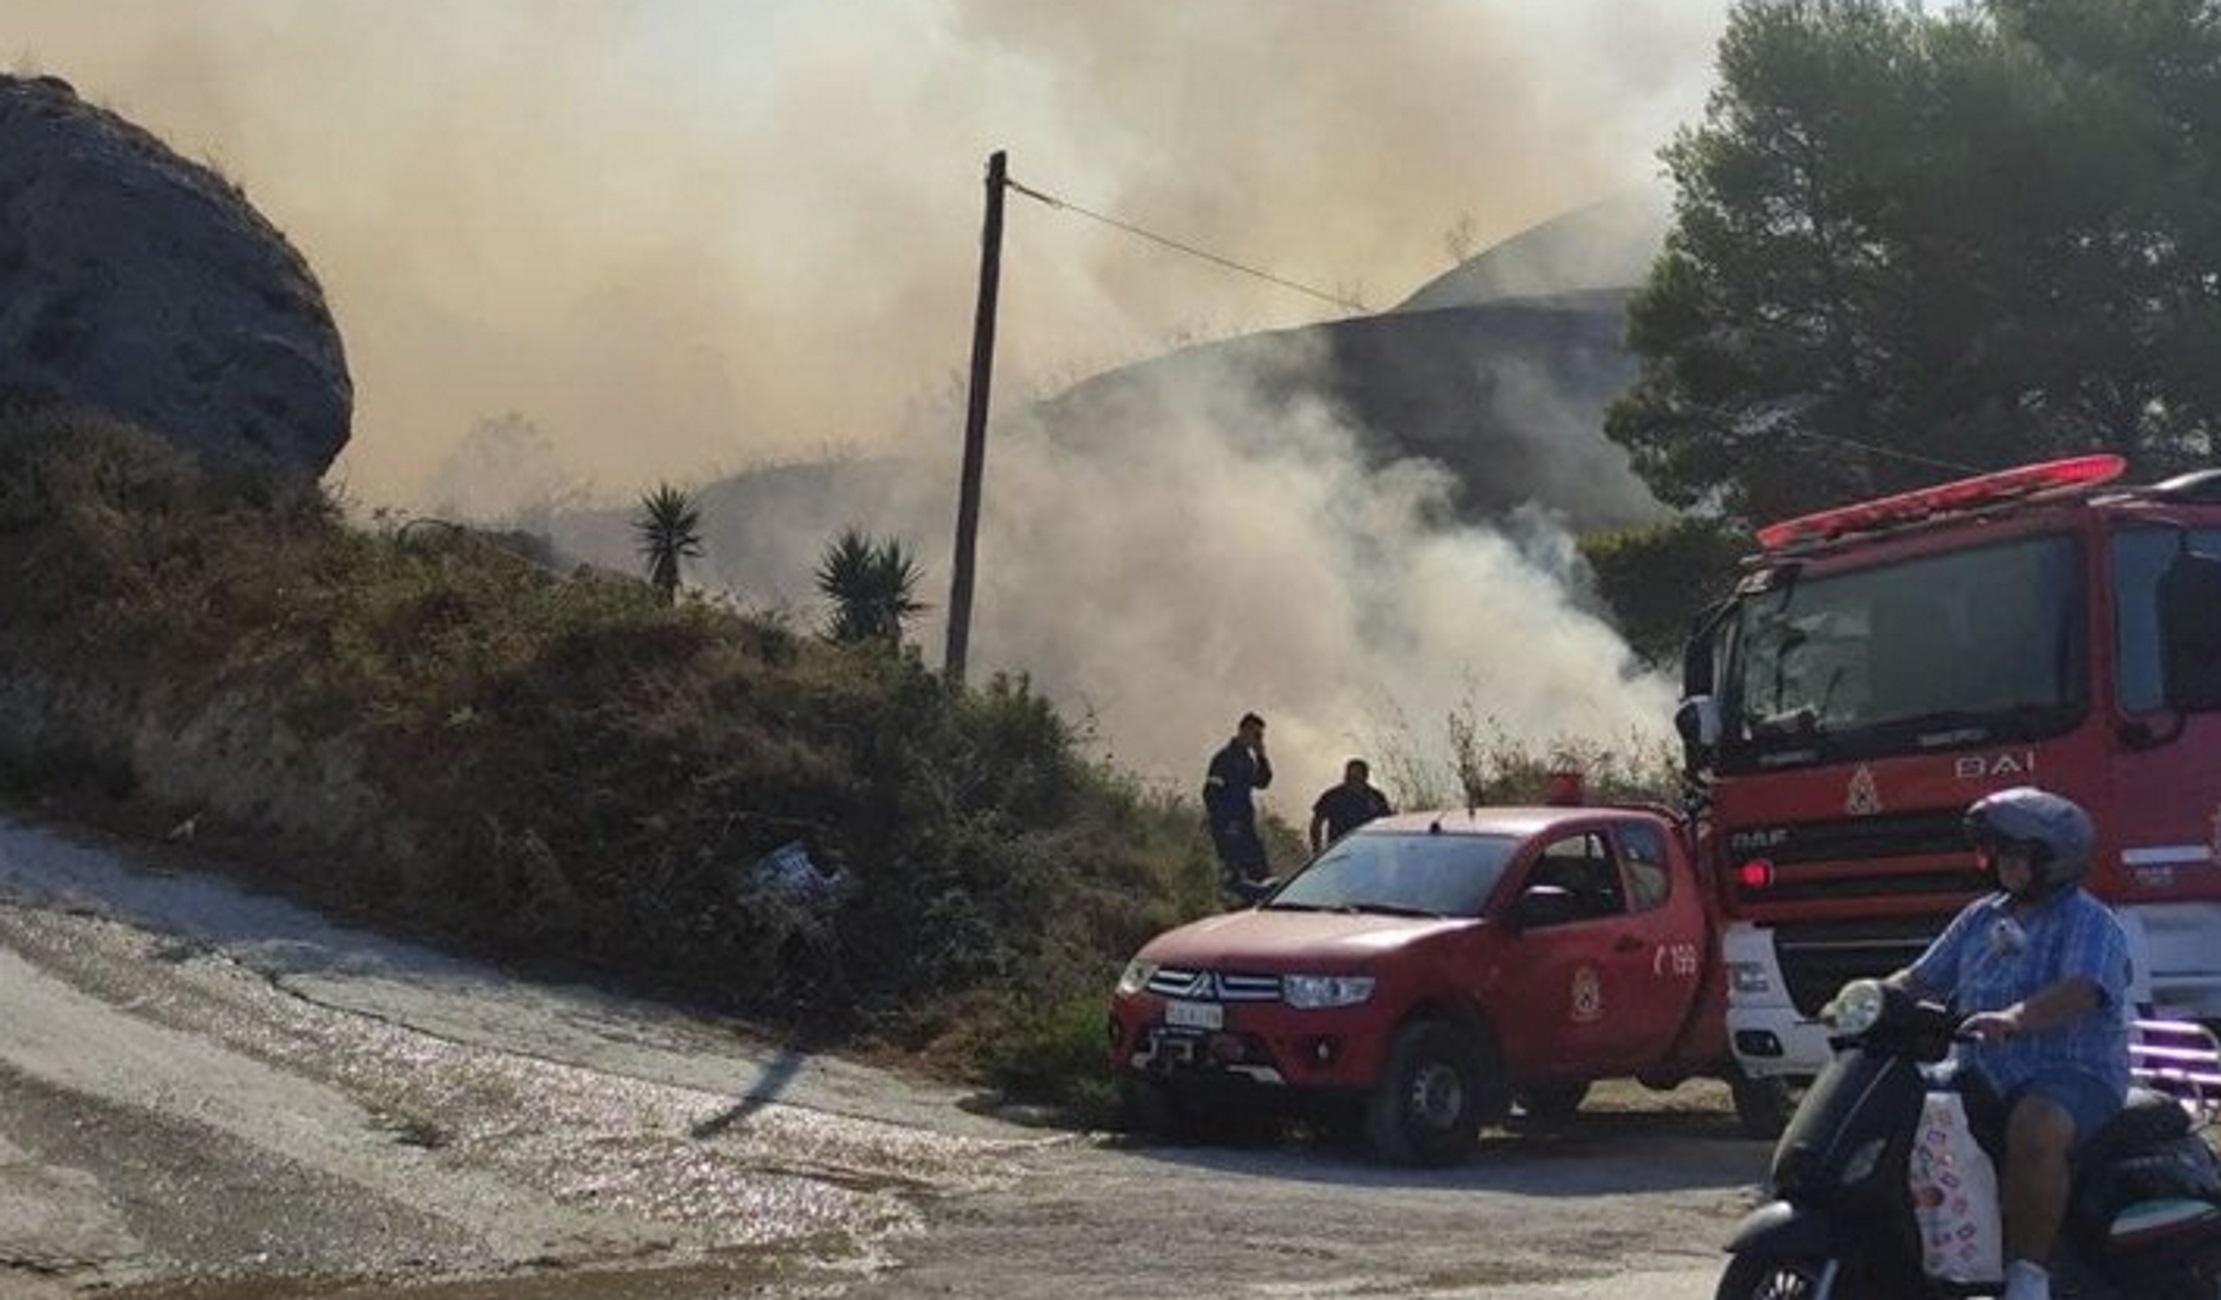 Φωτιά στον Ασπρόπυργο στην περιοχή Σκαλιστήρι